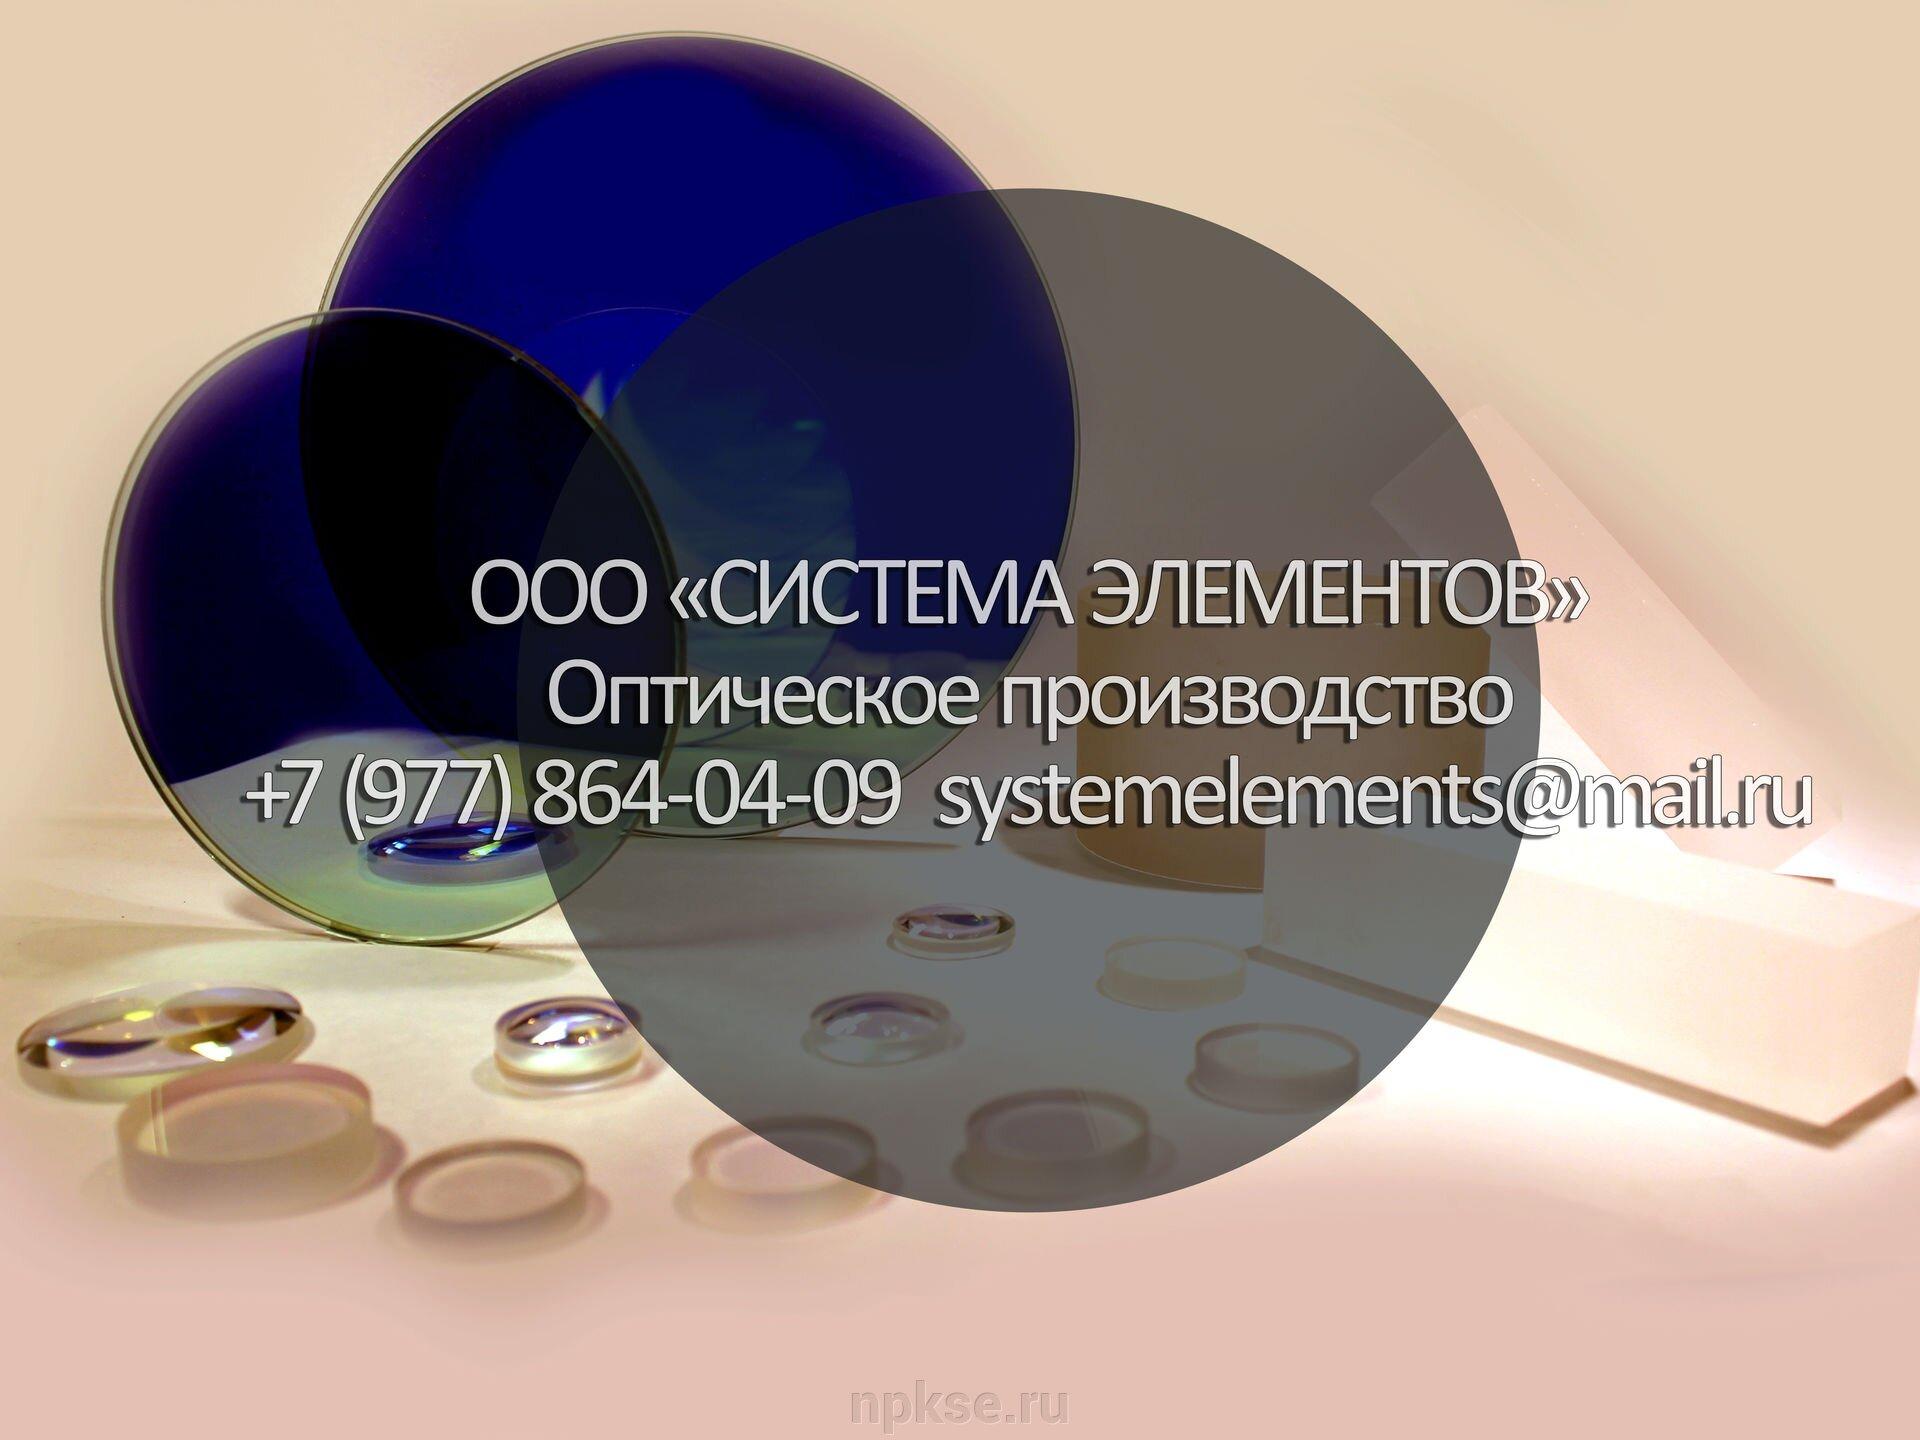 Оптическое производство - фото Оптическое производство Система элементов ООО